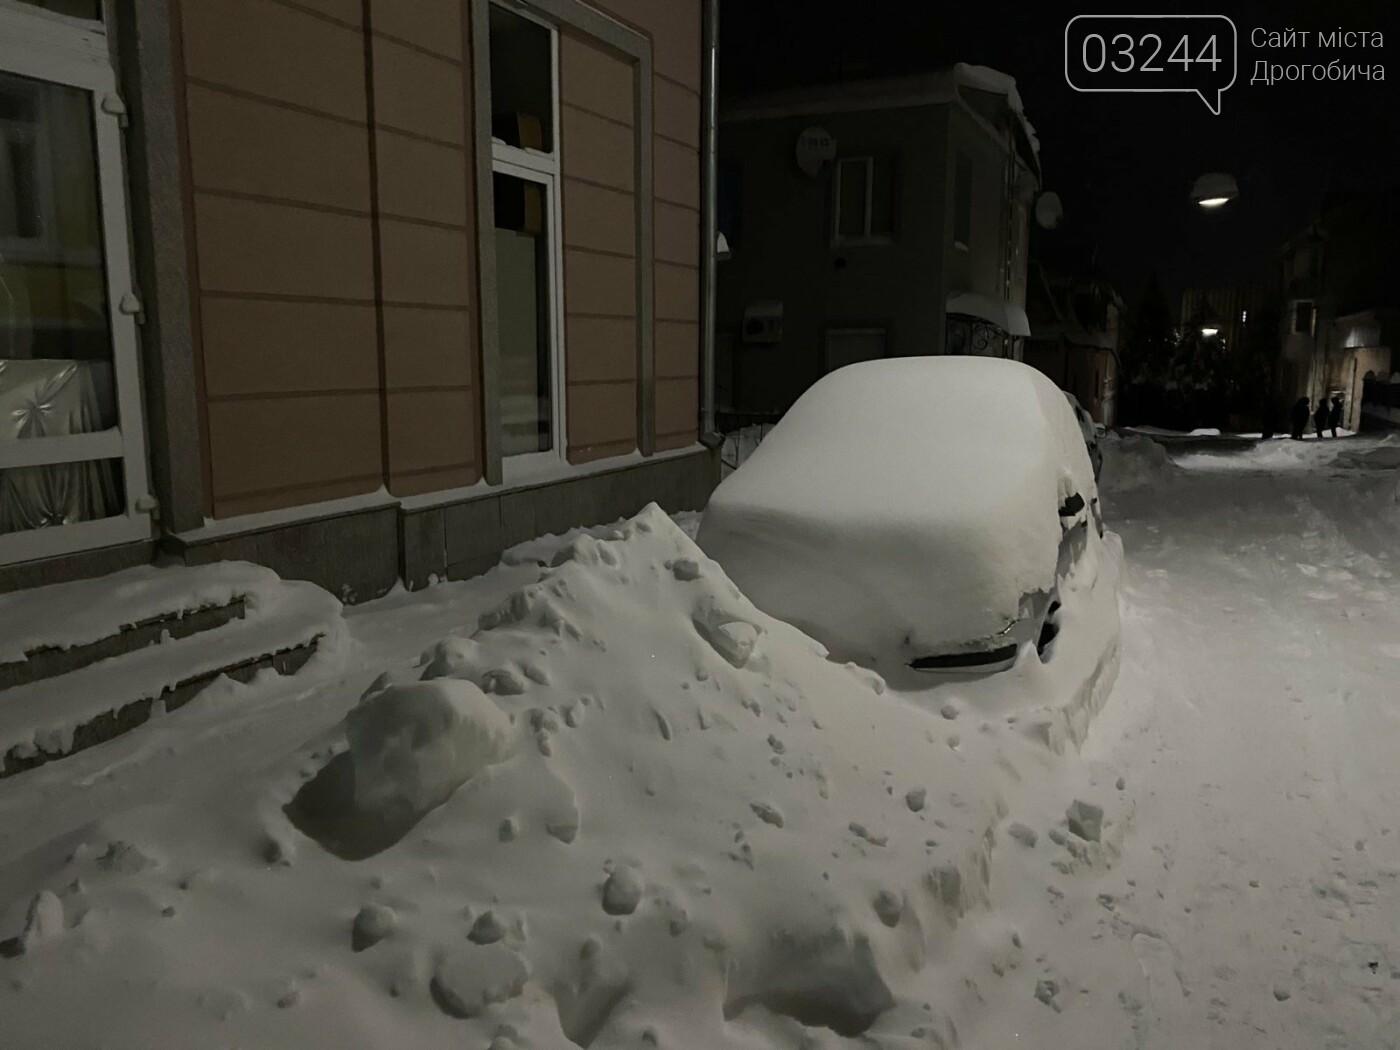 Притрусило: негода перетворила автівки, які не виїжджали кілька днів, на снігові кургани, - ФОТОРЕПОРТАЖ, фото-13